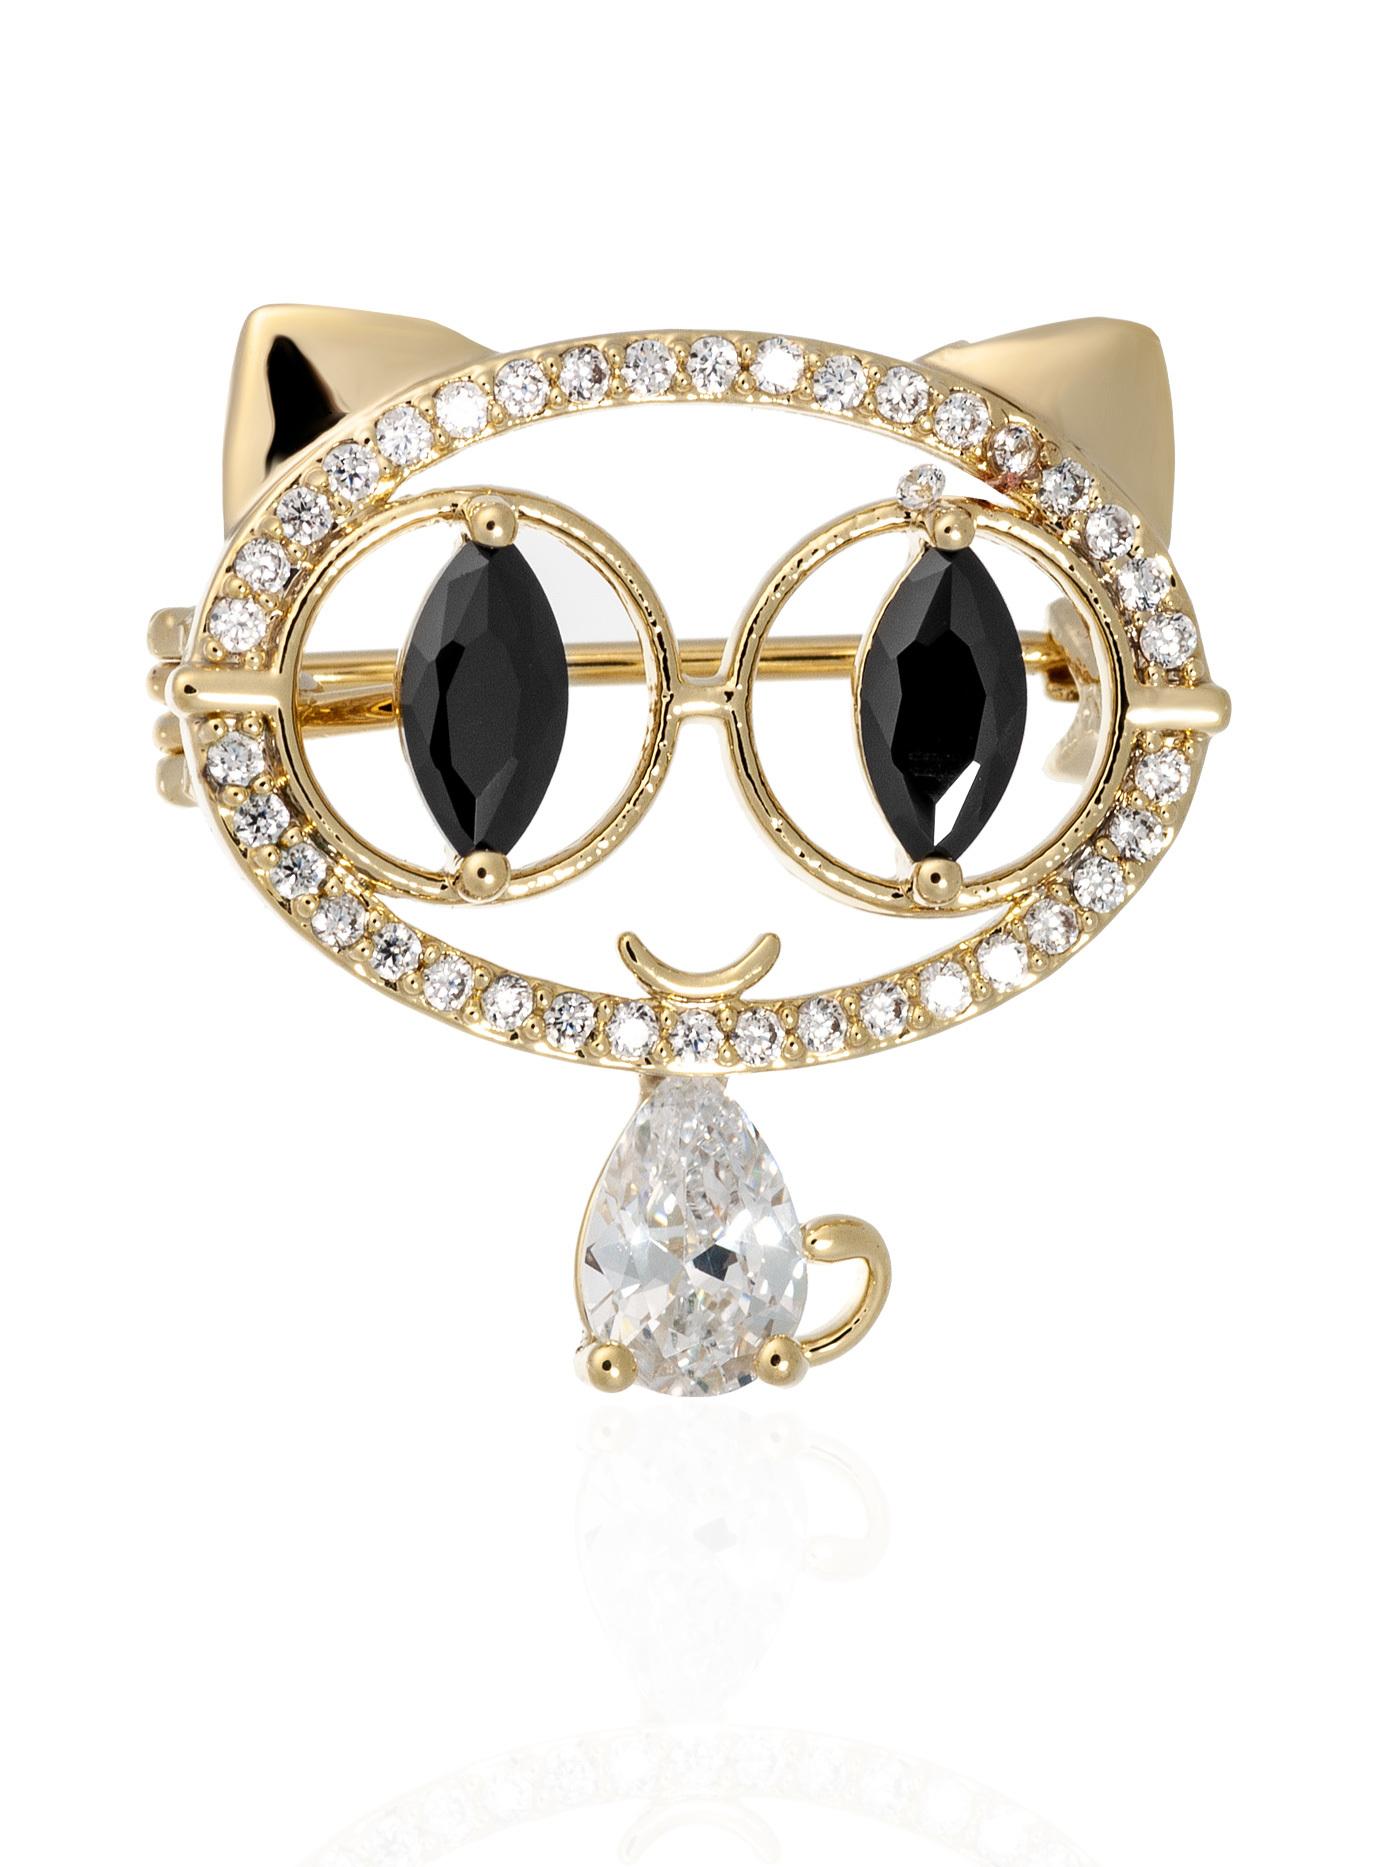 Мини-брошь Кошка с фианитами и кристаллами в подарочной коробке, подарок подруге